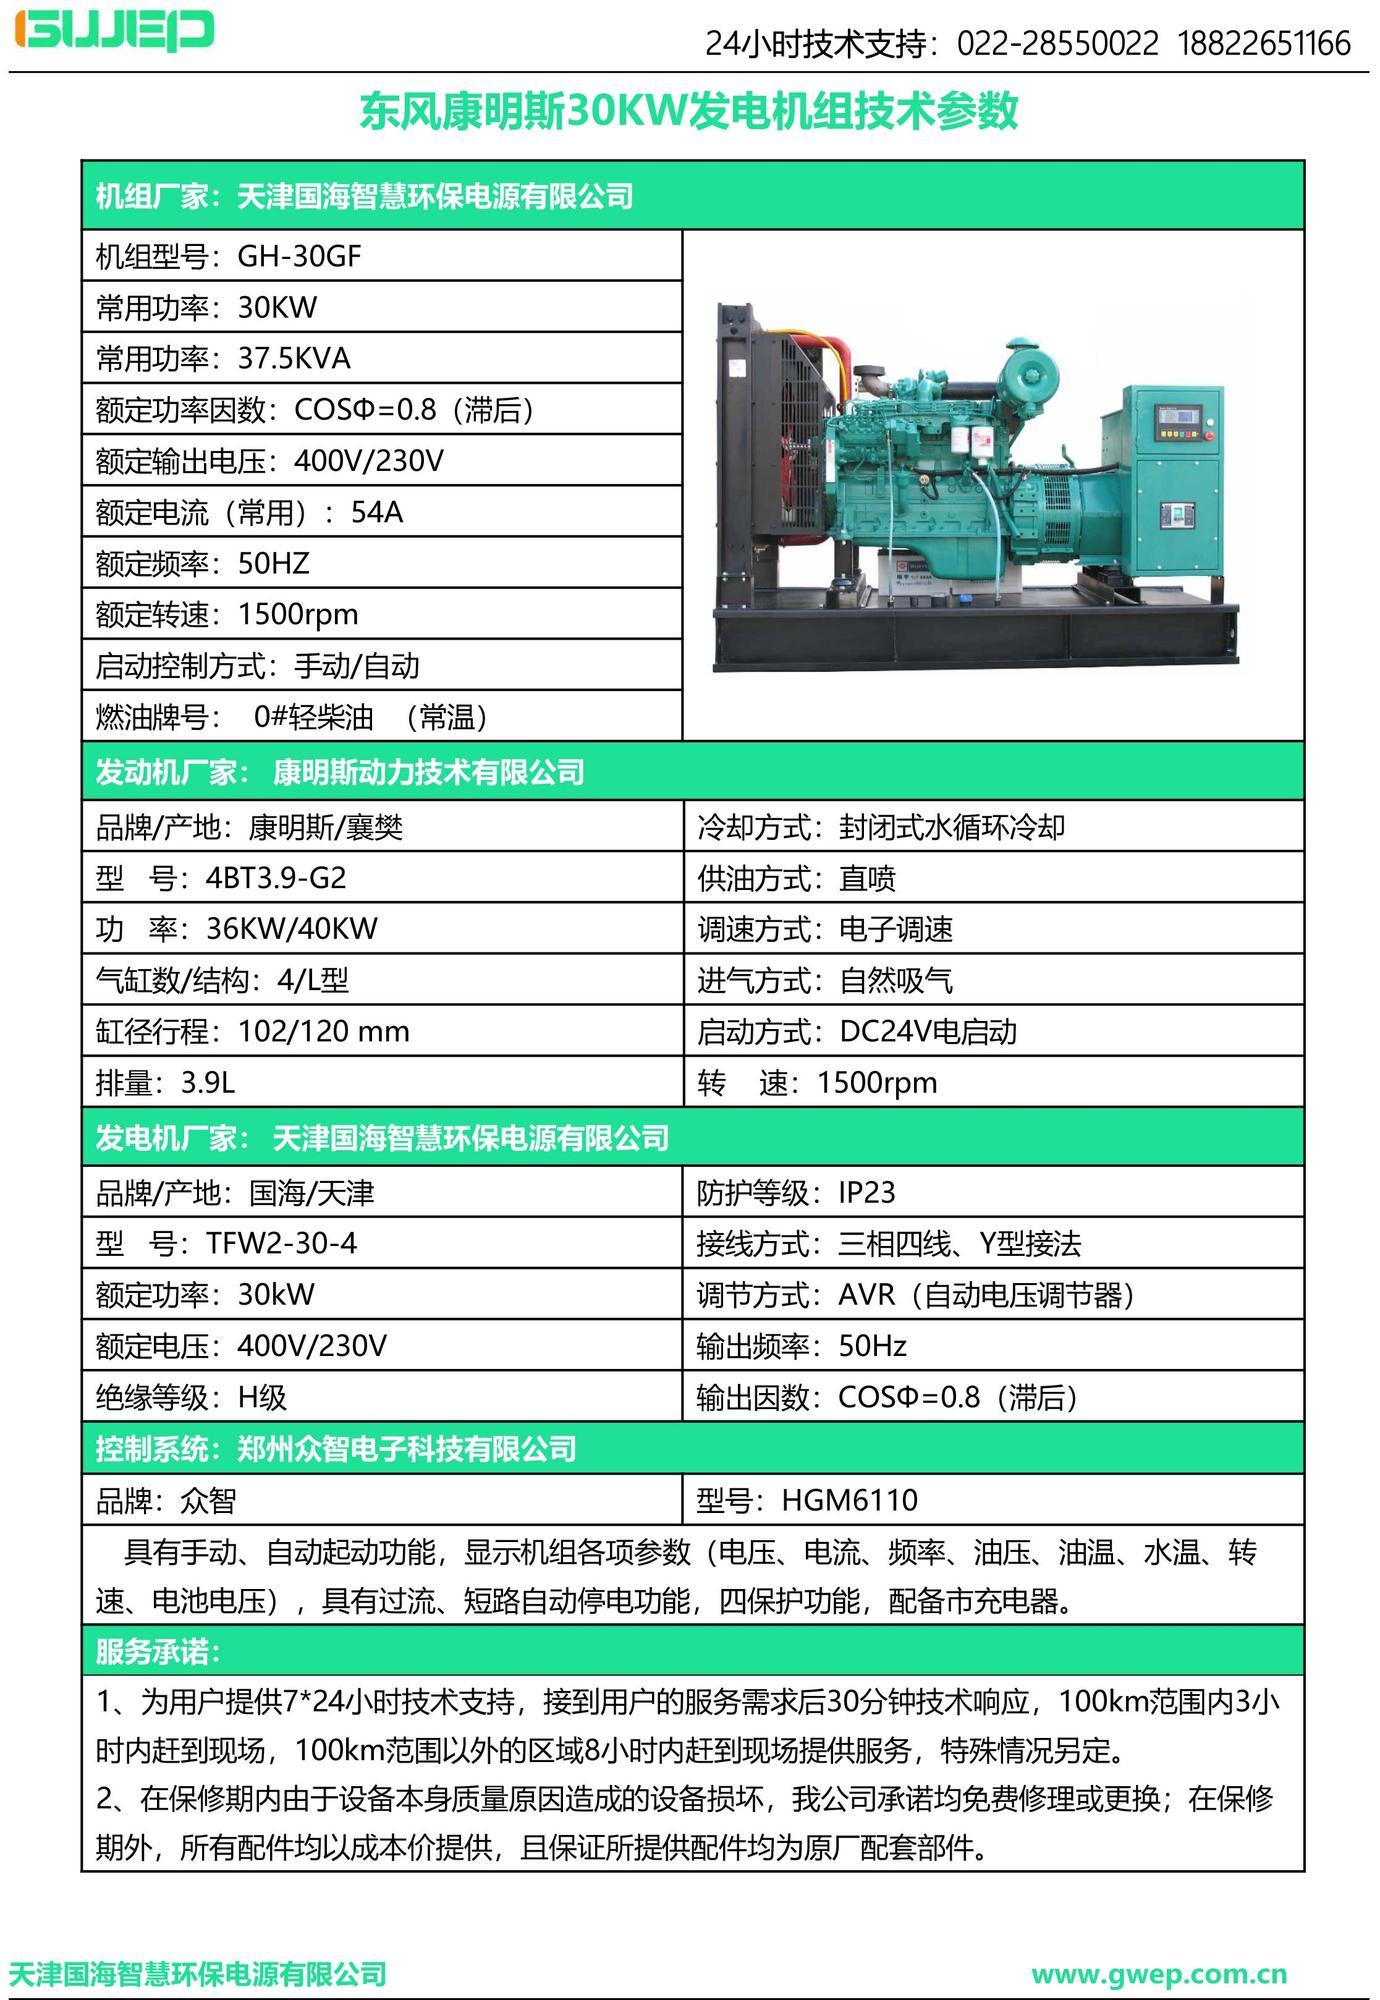 康明斯30KW发电机组技术资料-2.jpg